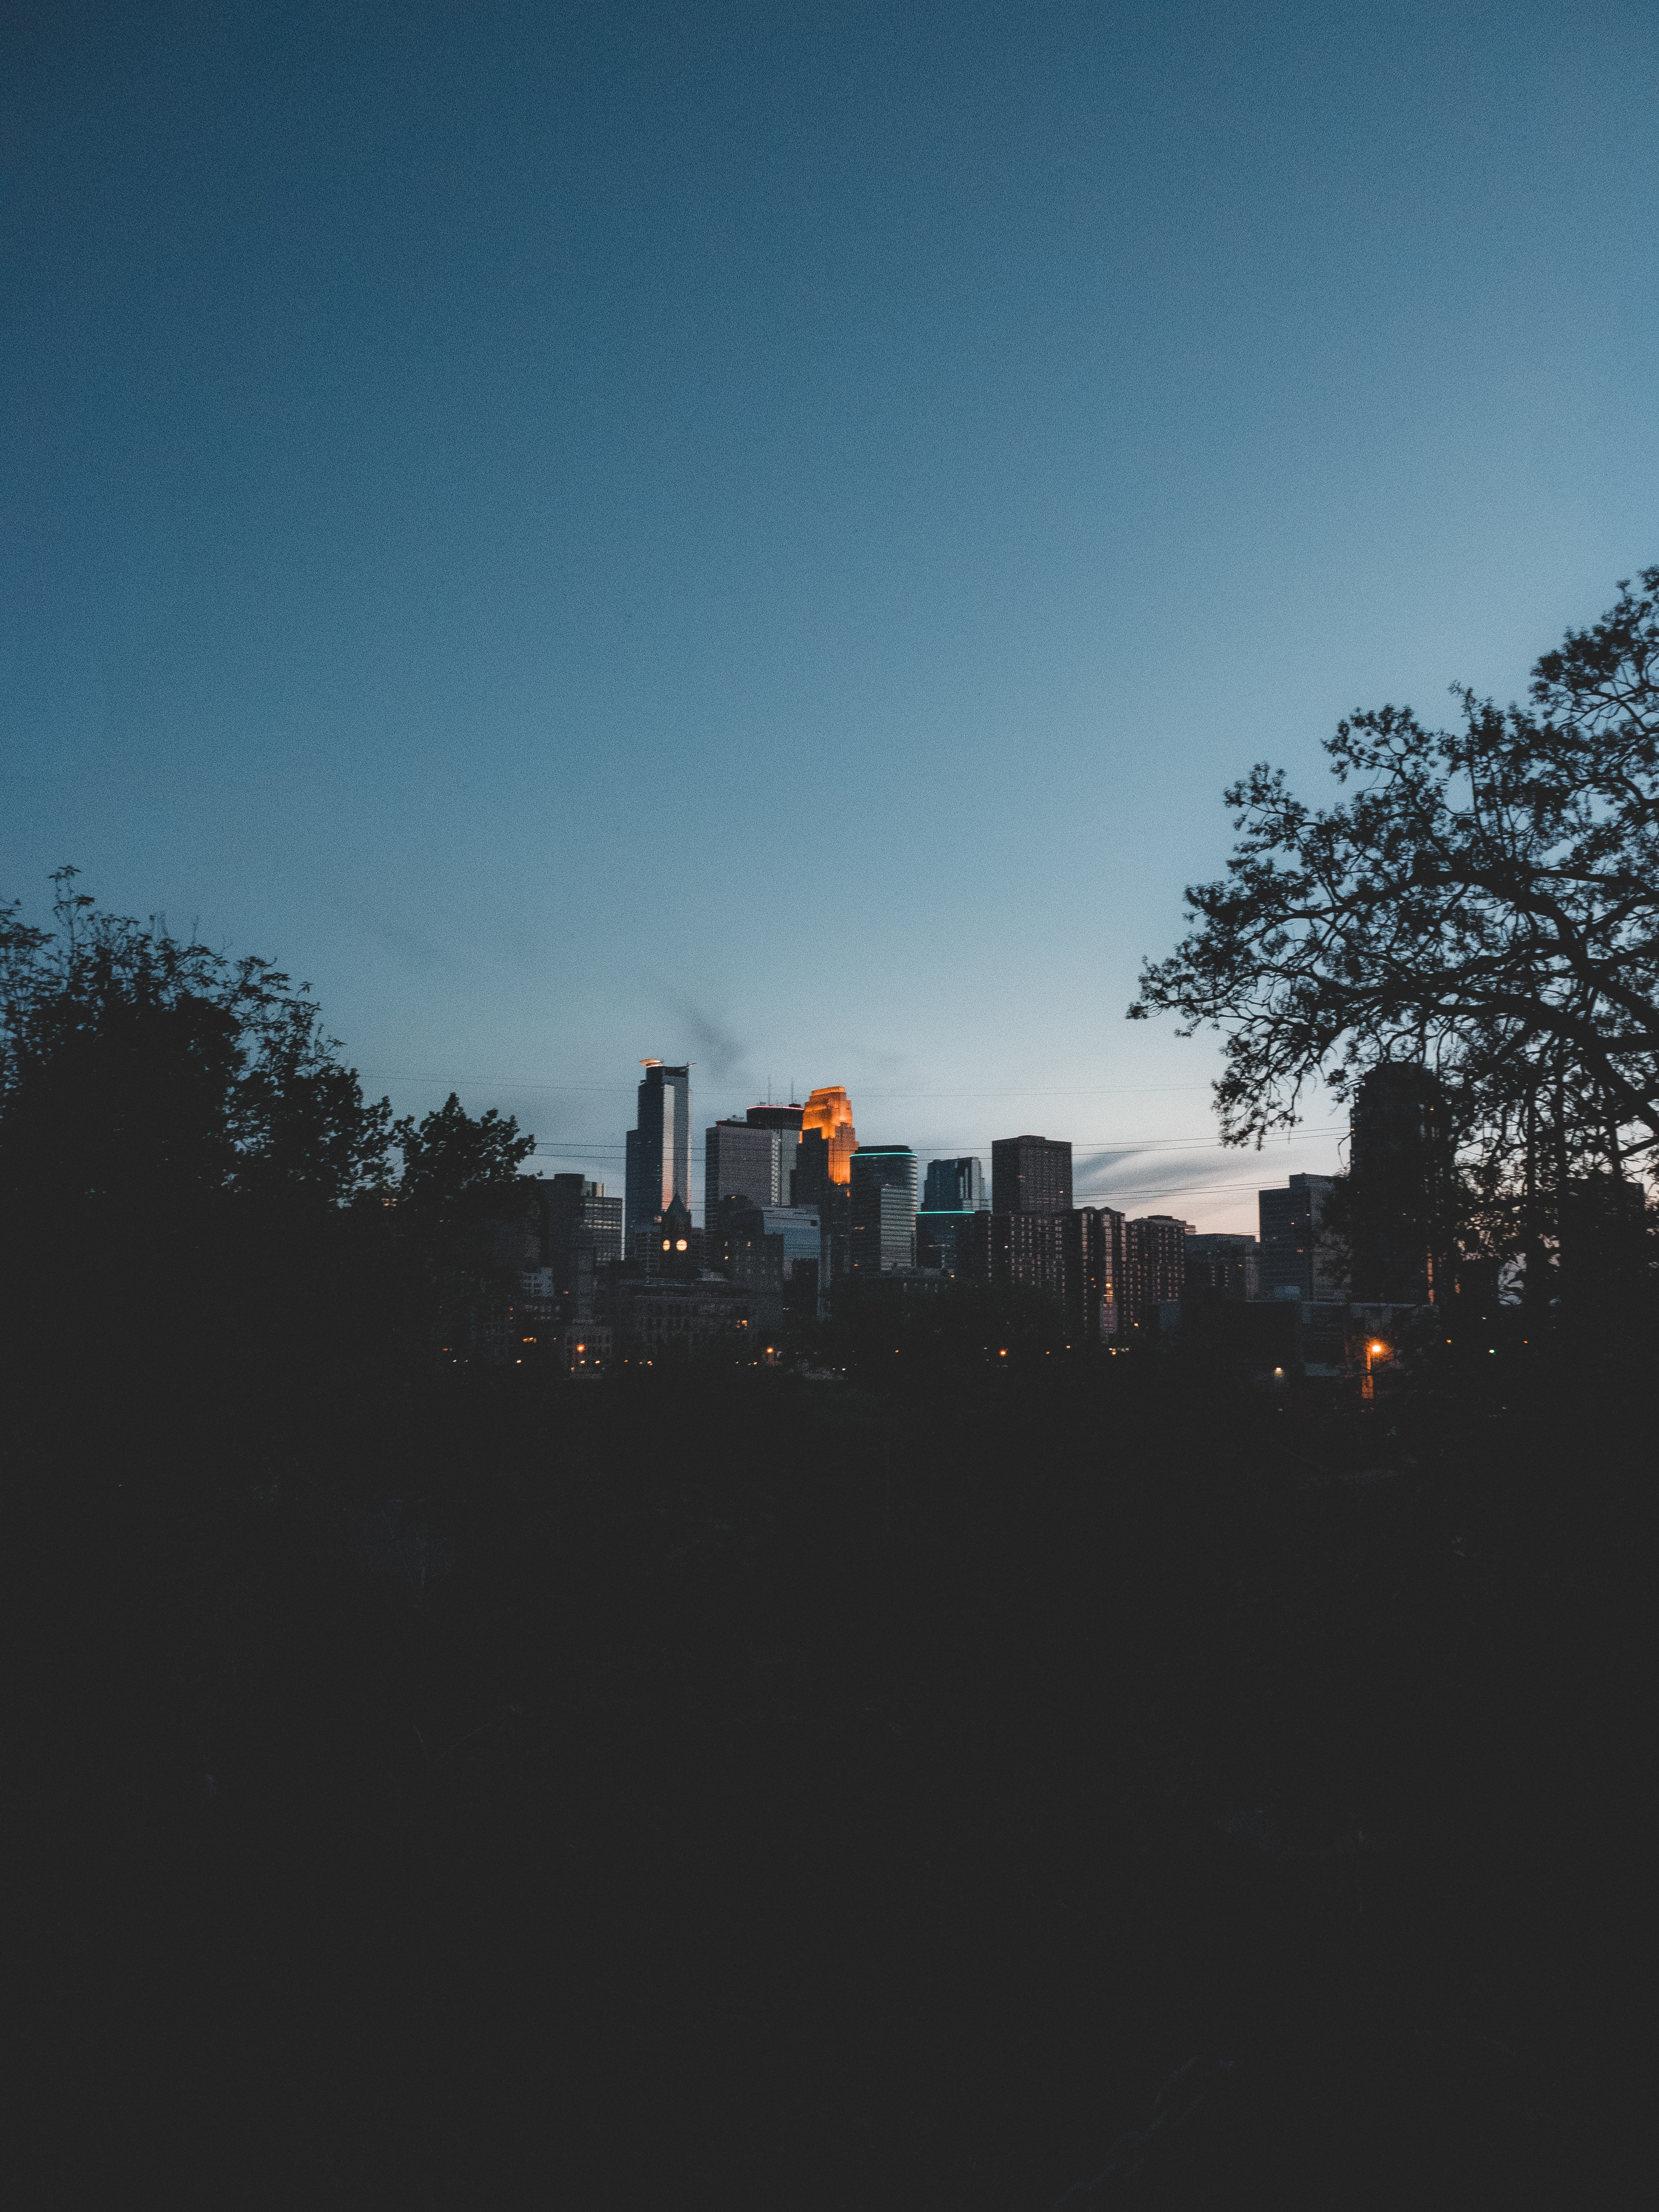 72717 Salvapantallas y fondos de pantalla Arquitectura en tu teléfono. Descarga imágenes de Edificio, Ciudad, Rascacielos, Arquitectura, Ciudades gratis